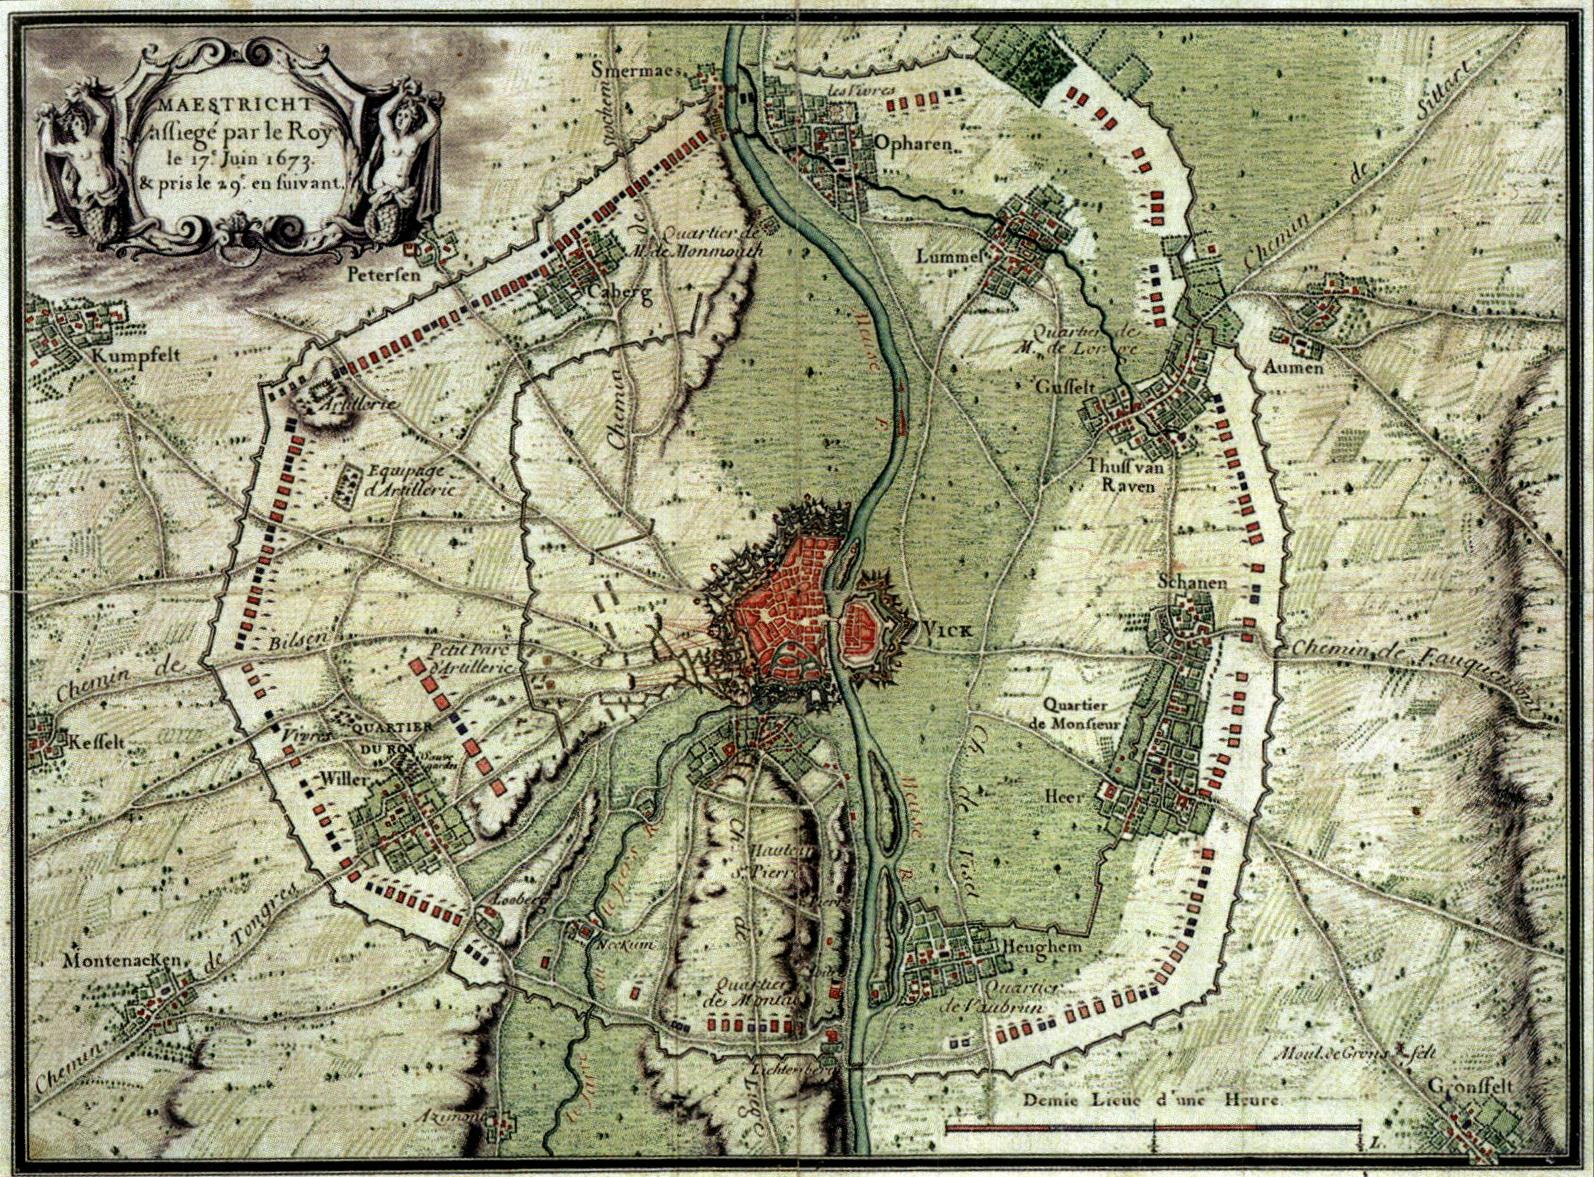 File:1673 Beleg van Maastricht, circumvallatie door Franse troepen.jpg